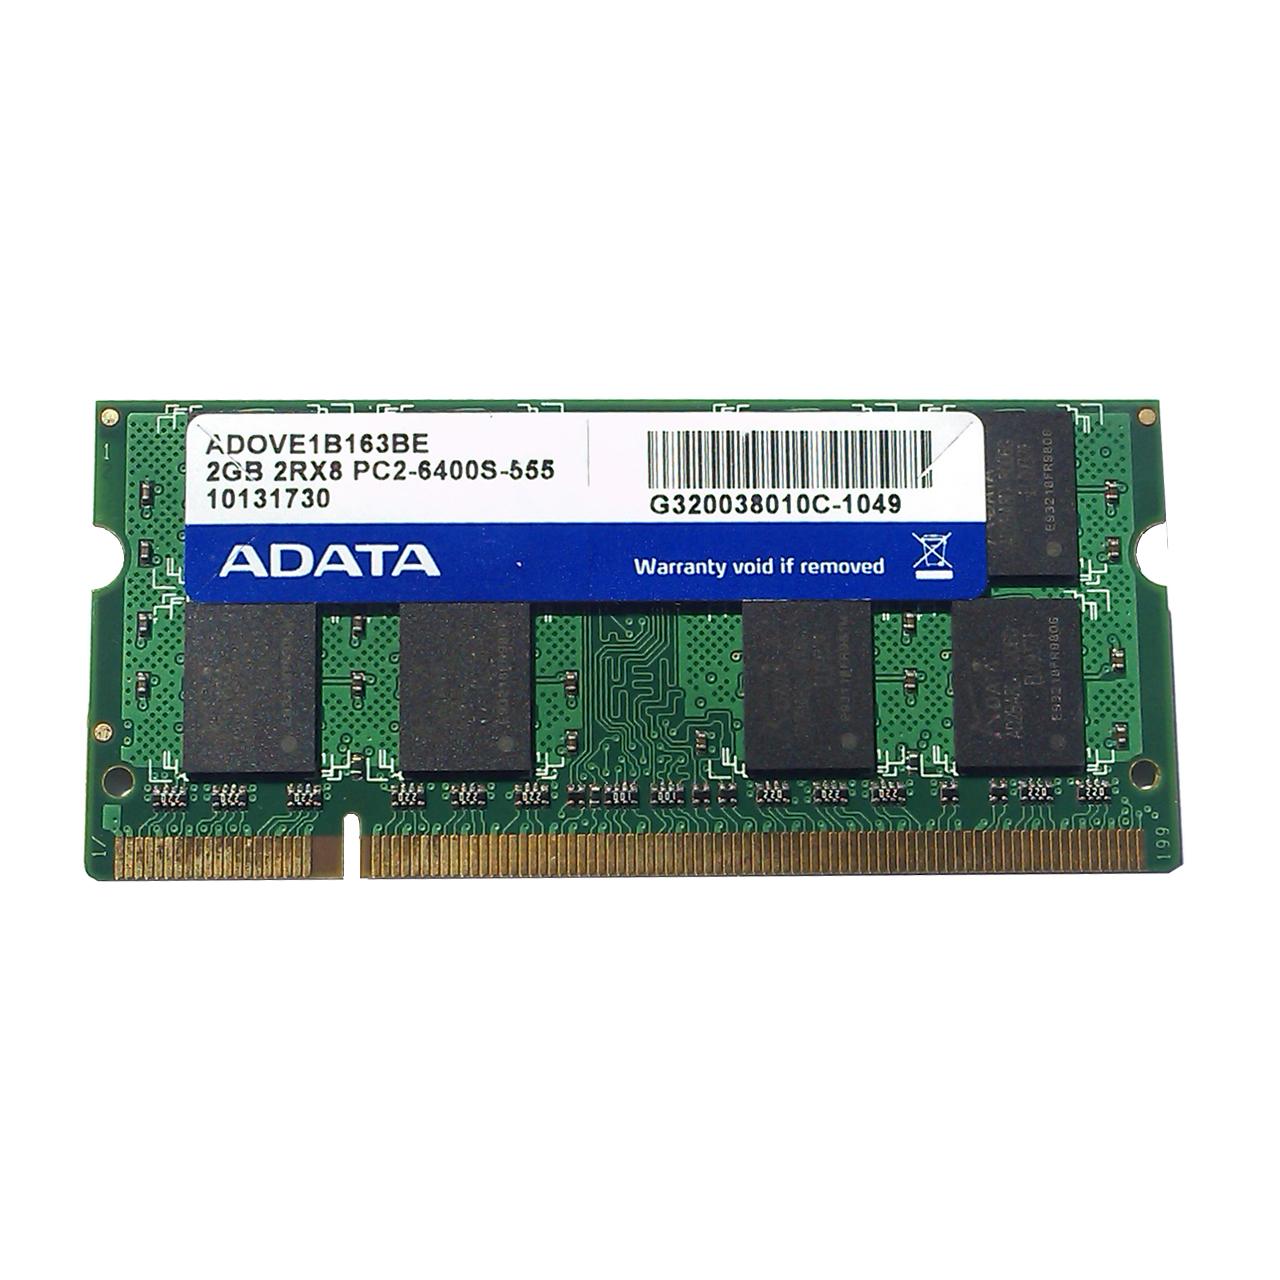 رم لپ تاپ ای دیتا مدل DDR2 PC2 6400S ظرفیت 2 گیگابایت